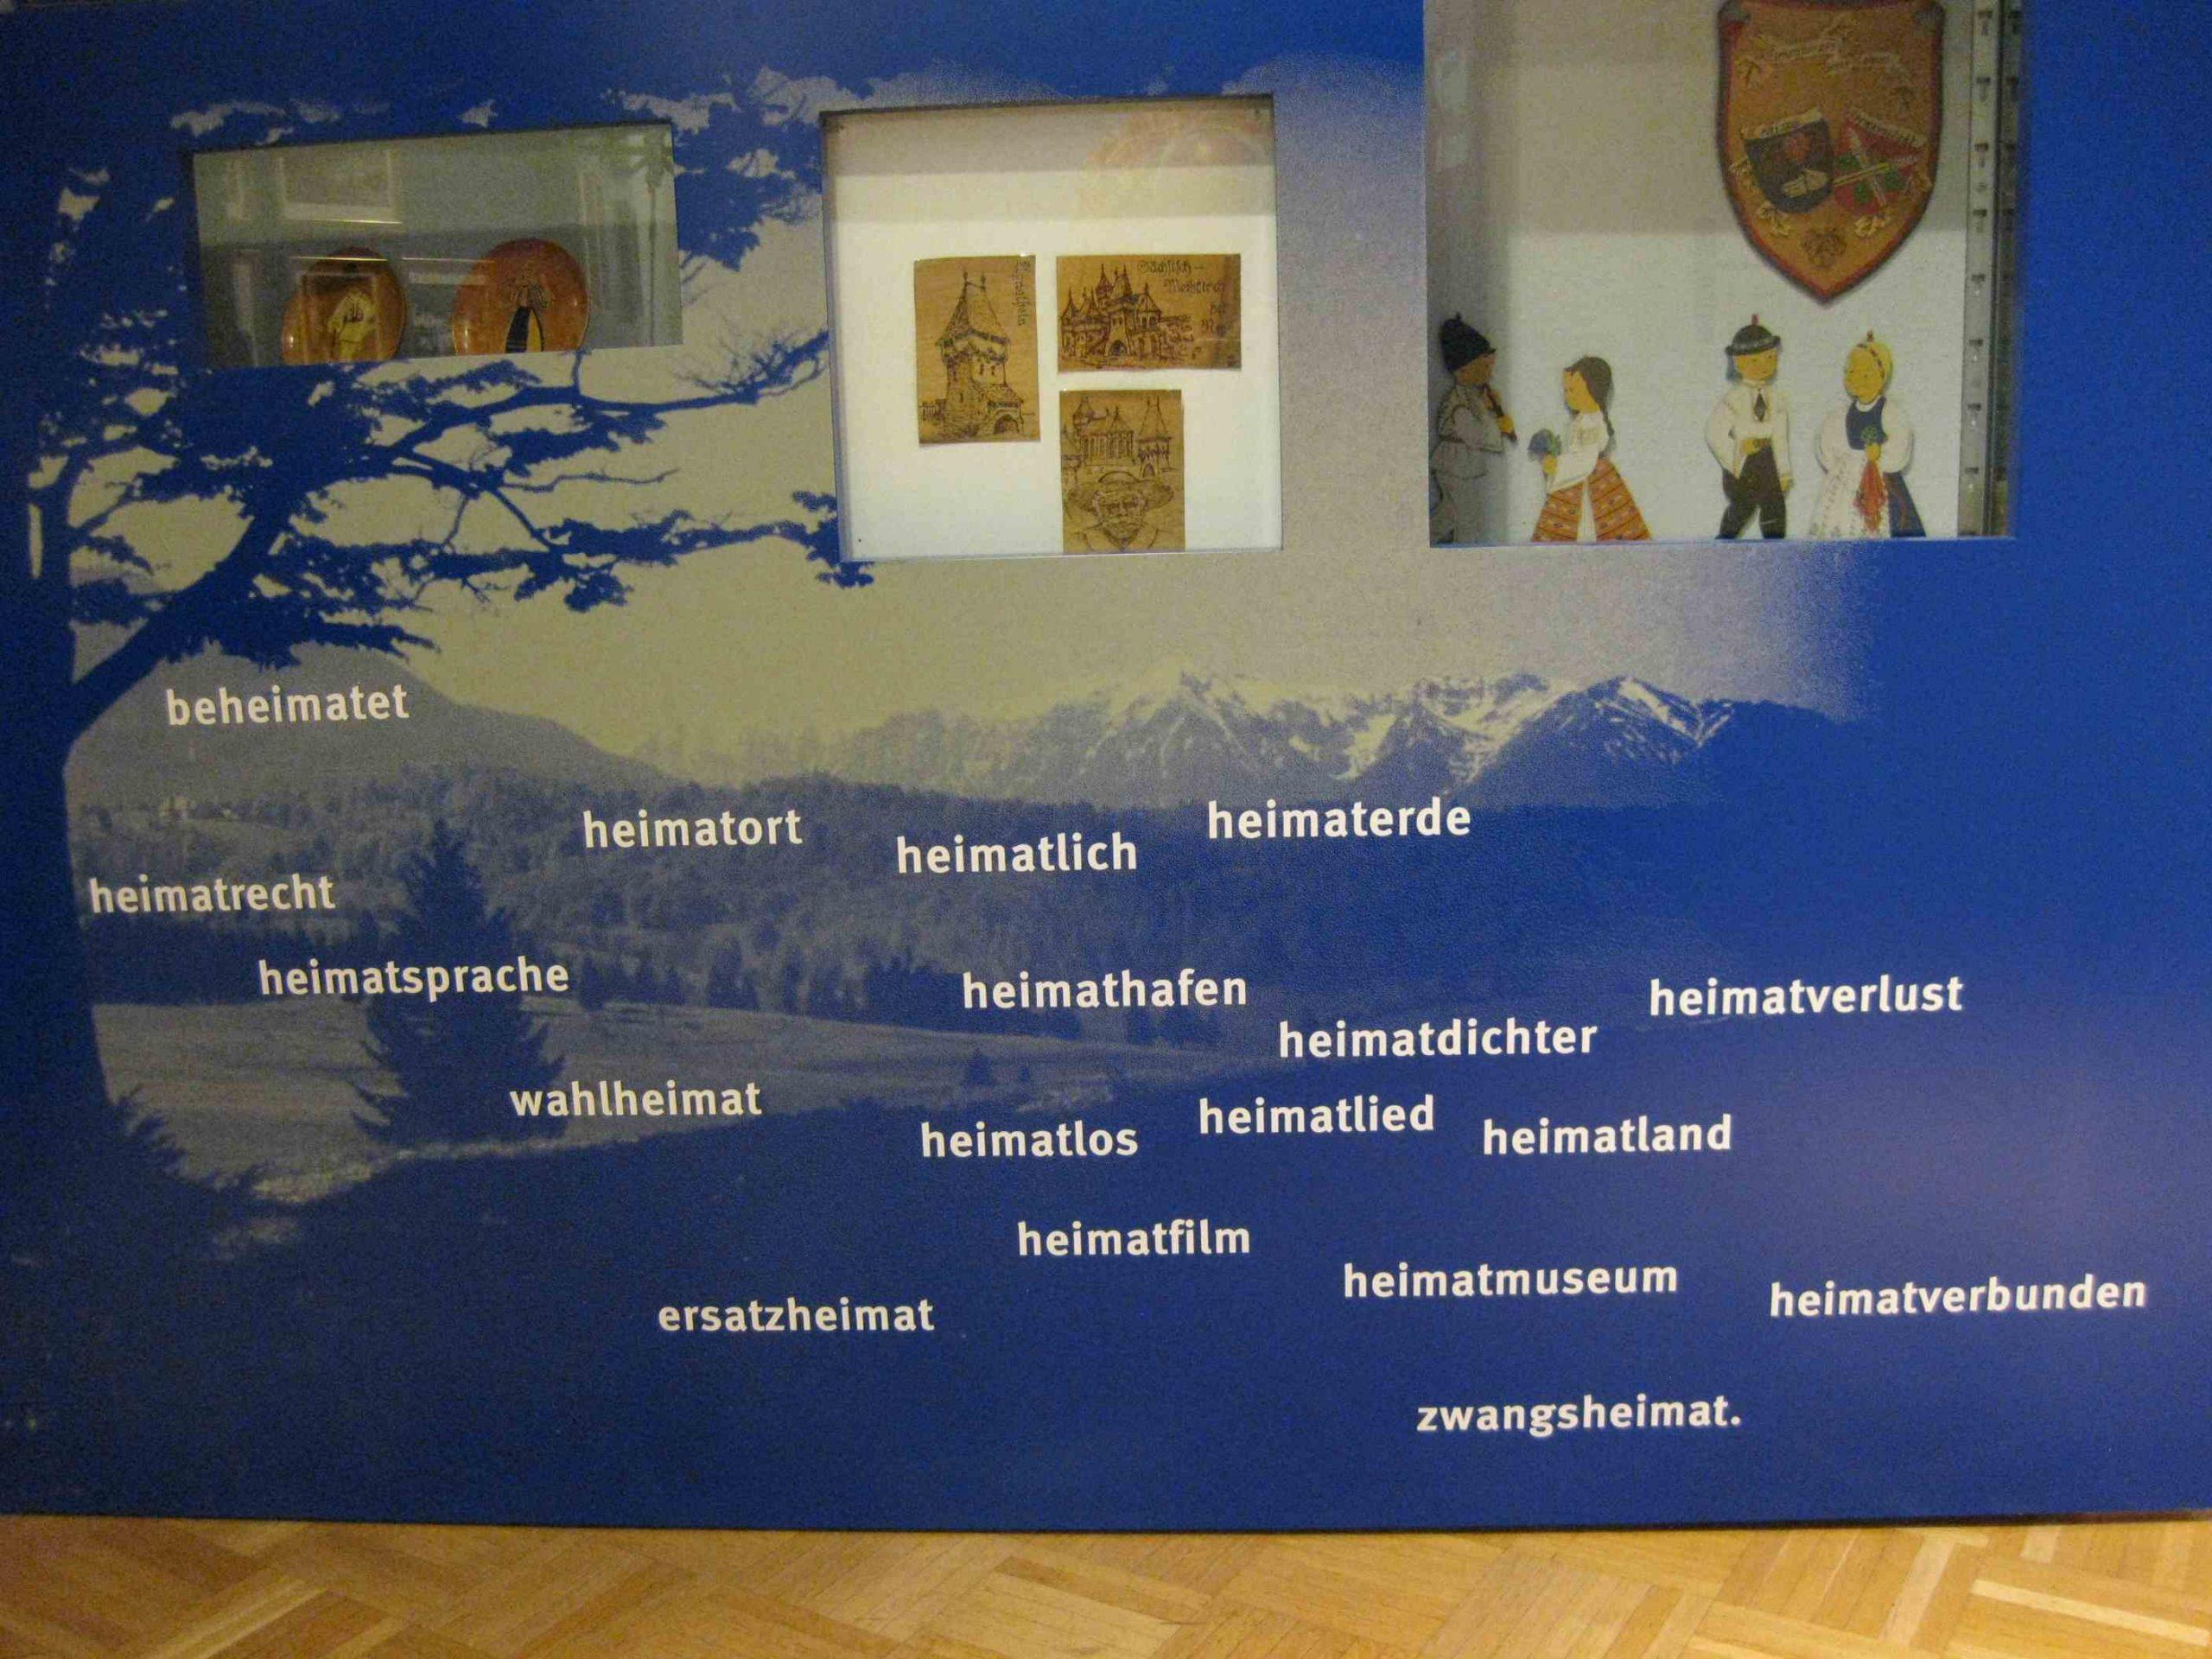 Gundelsheim Siebenbürgisches Museum